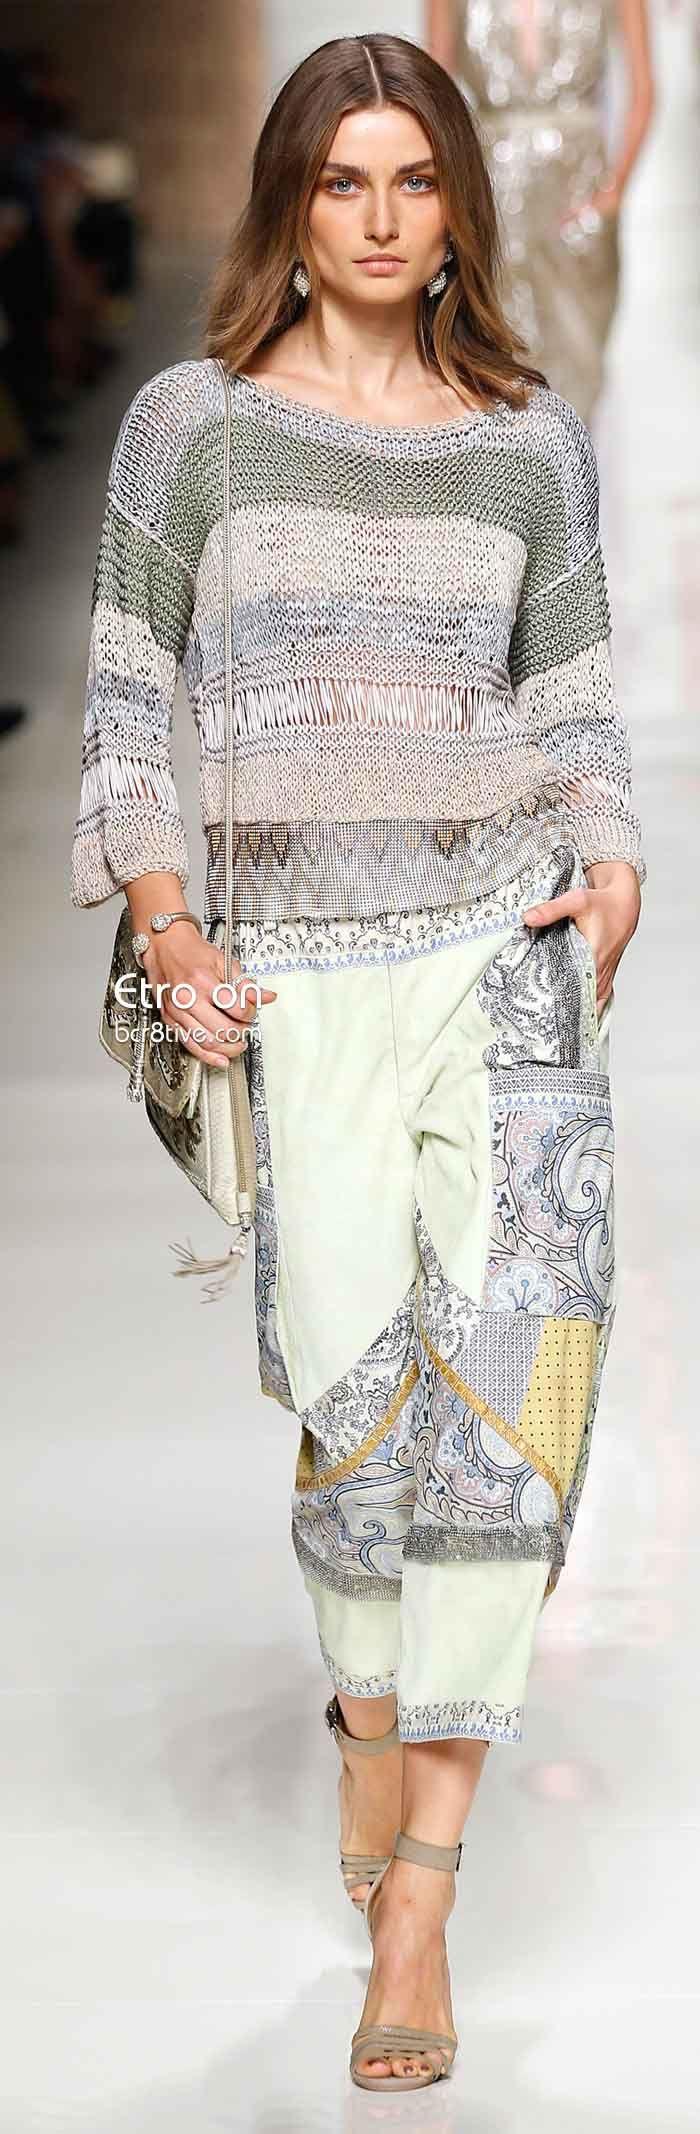 вязание модные вещи